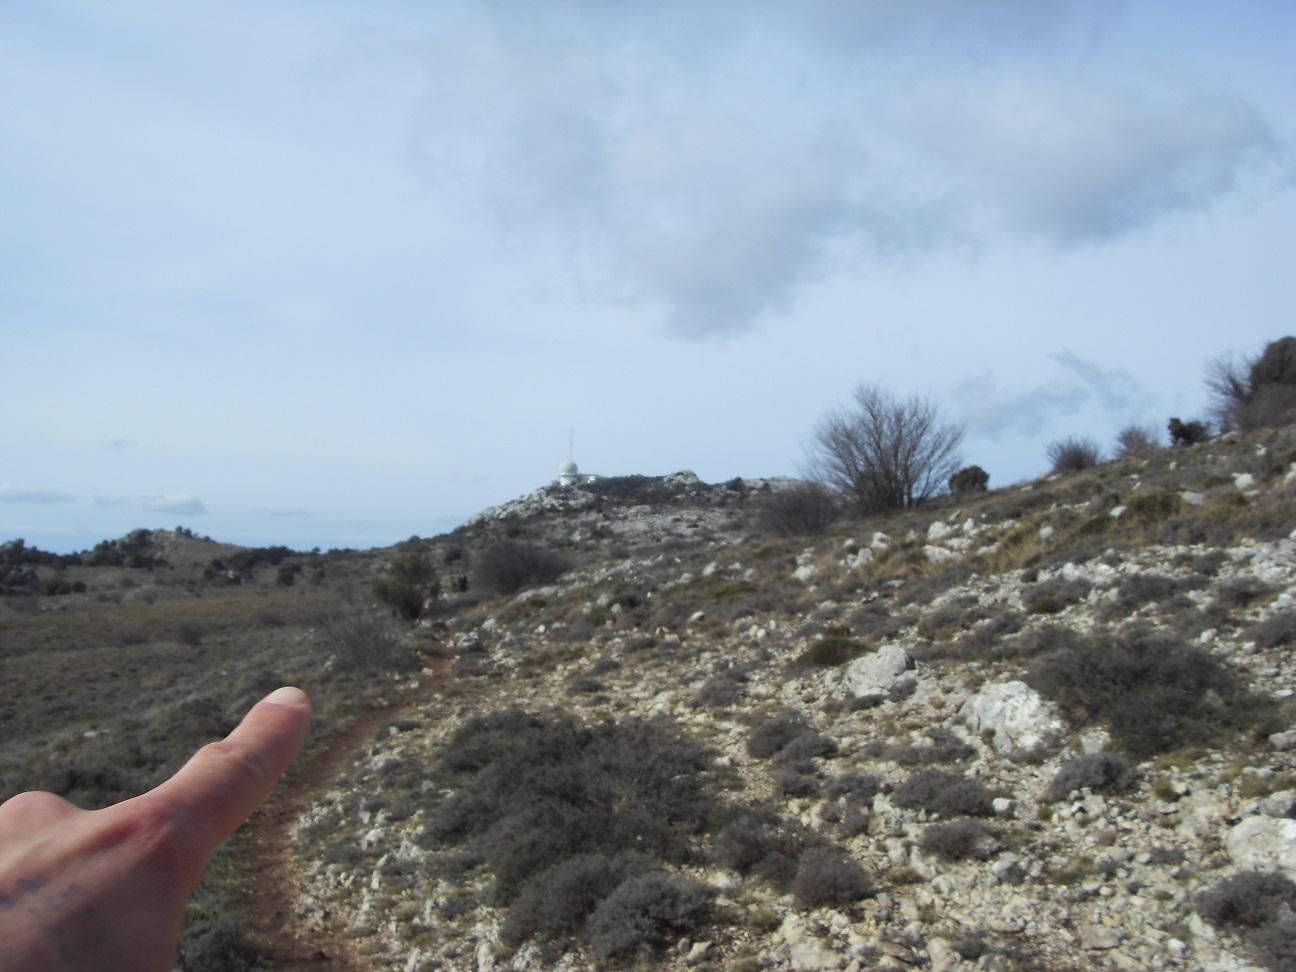 23-Aaah, voici le Pic de Bertagne, point culminant du département